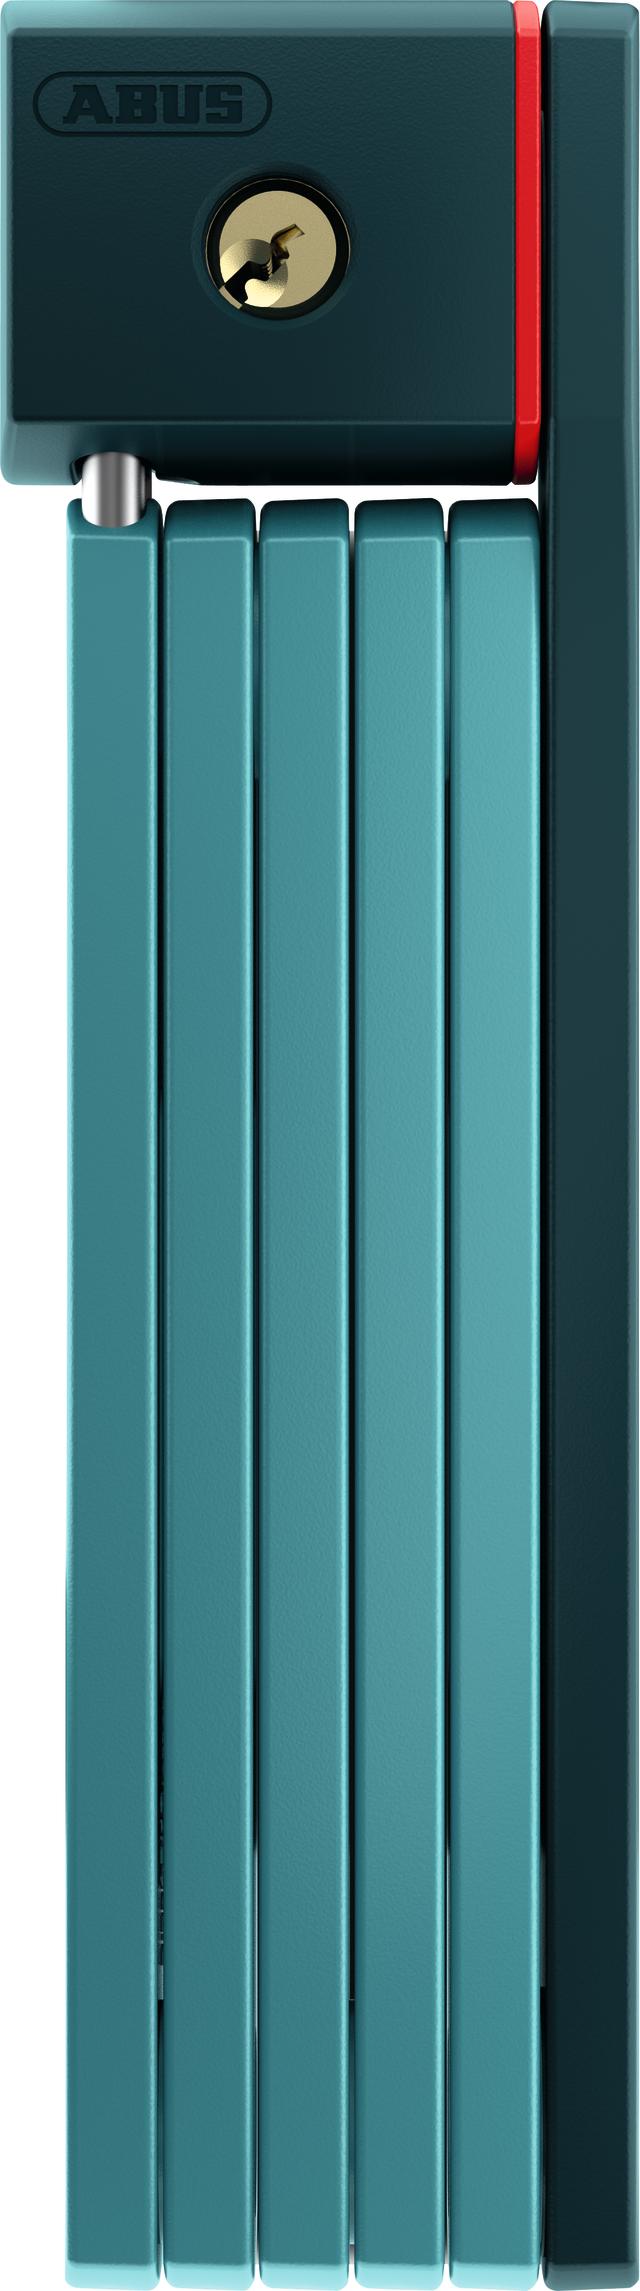 Faltschloss 5700/80 core green SH